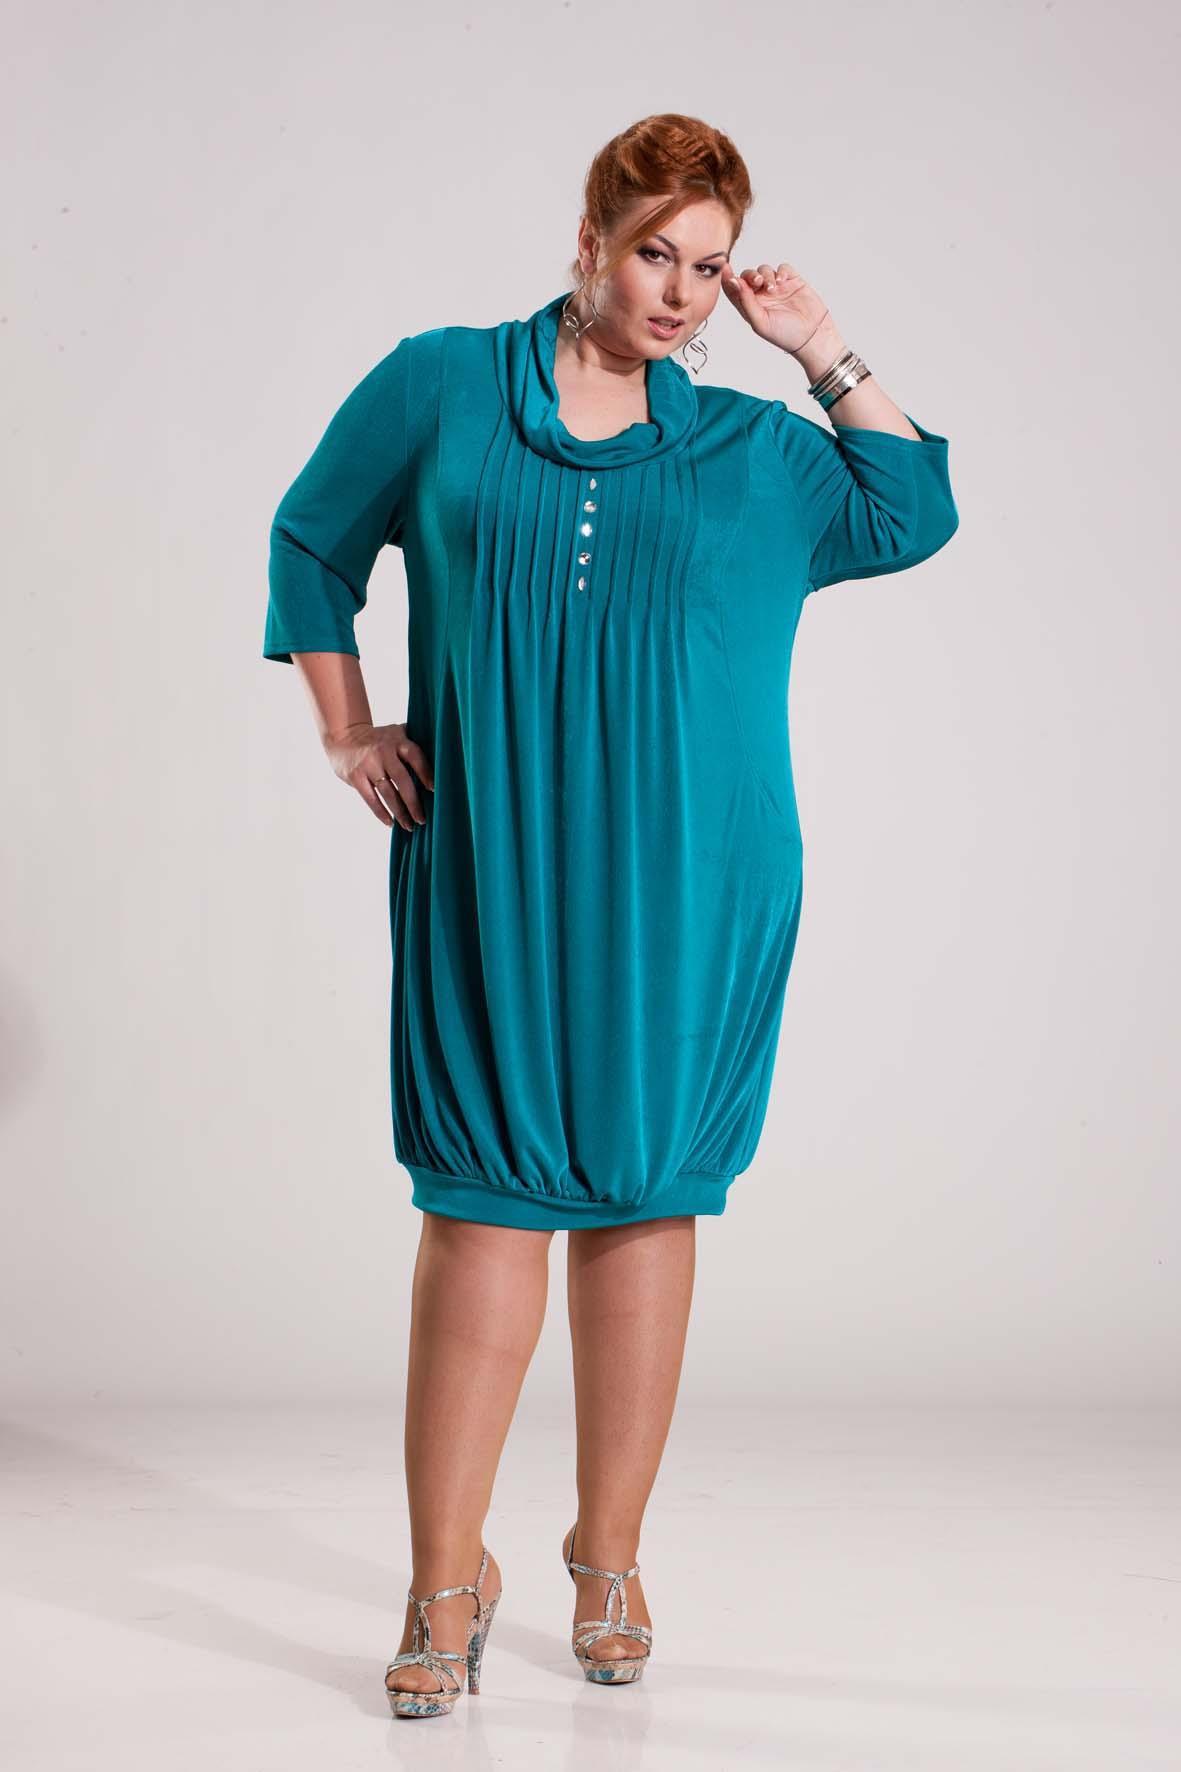 Нарядная Женская Одежда Большого Размера С Доставкой